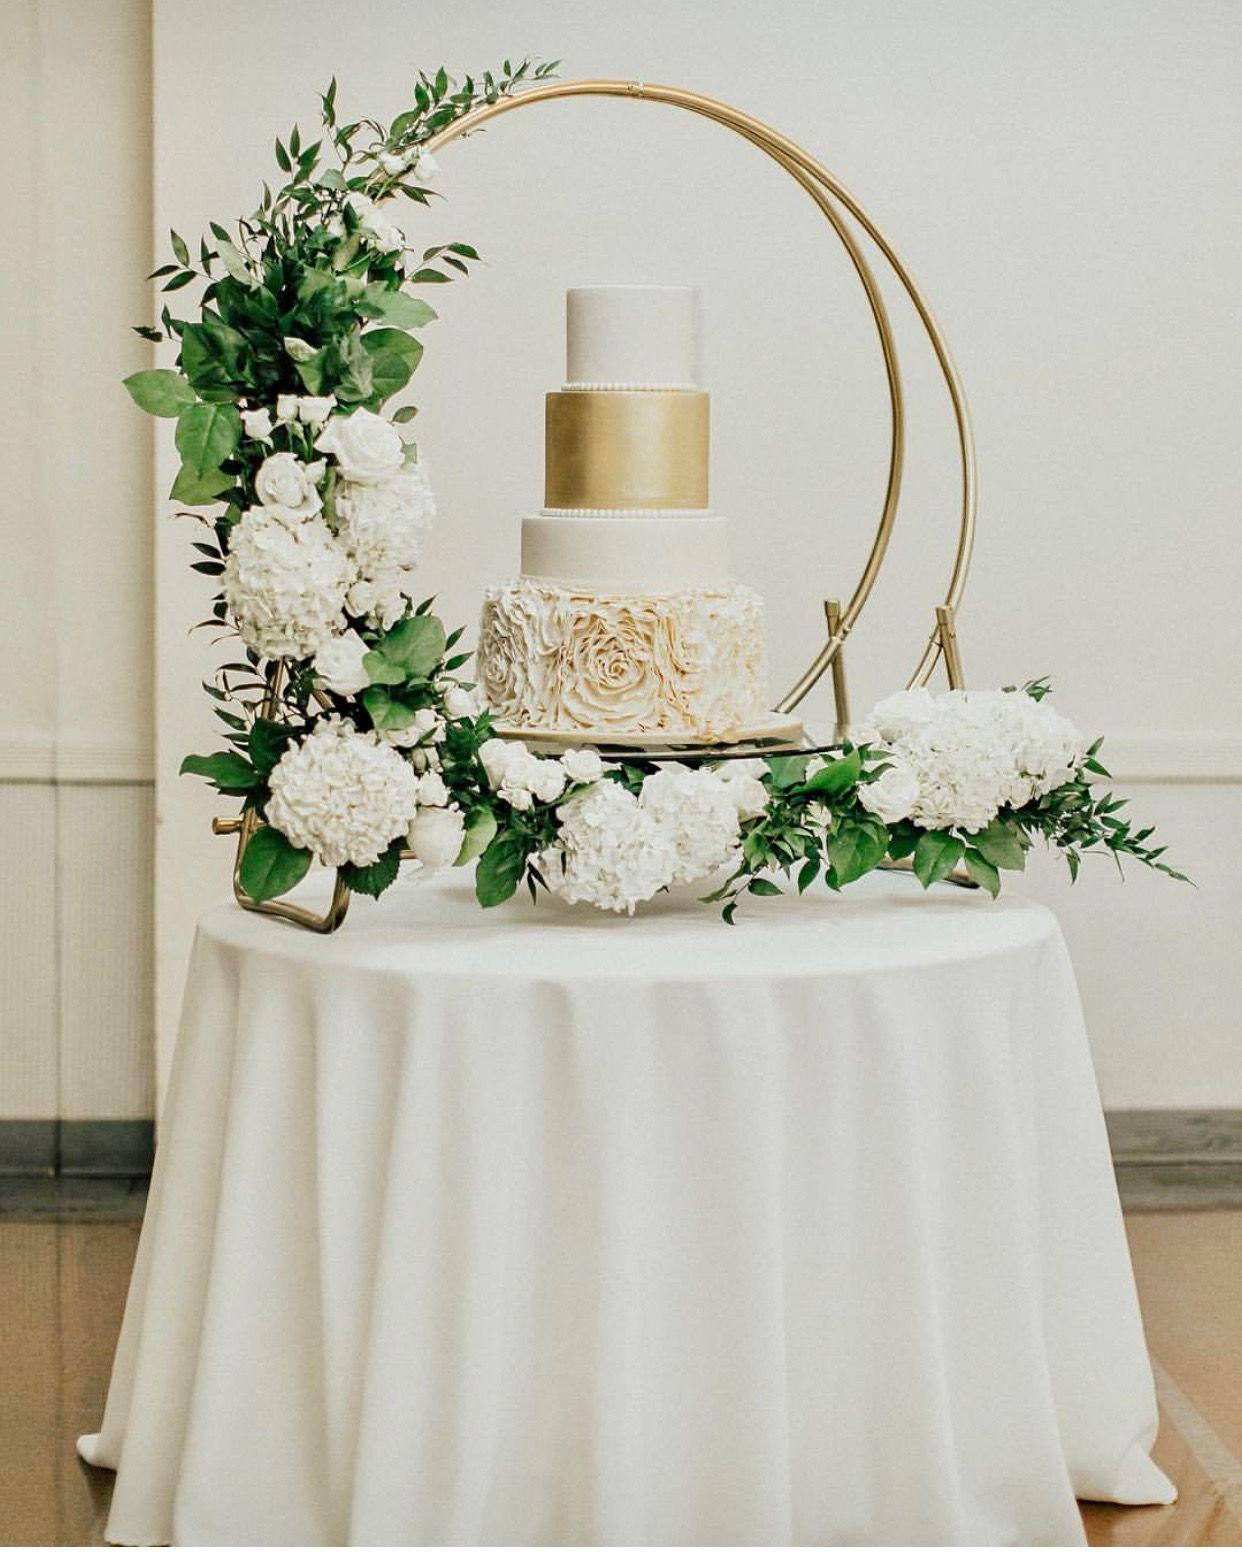 Wedding Cake Tables Decorating Ideas: Pin By Nicki Jamieson On Wedding Cake